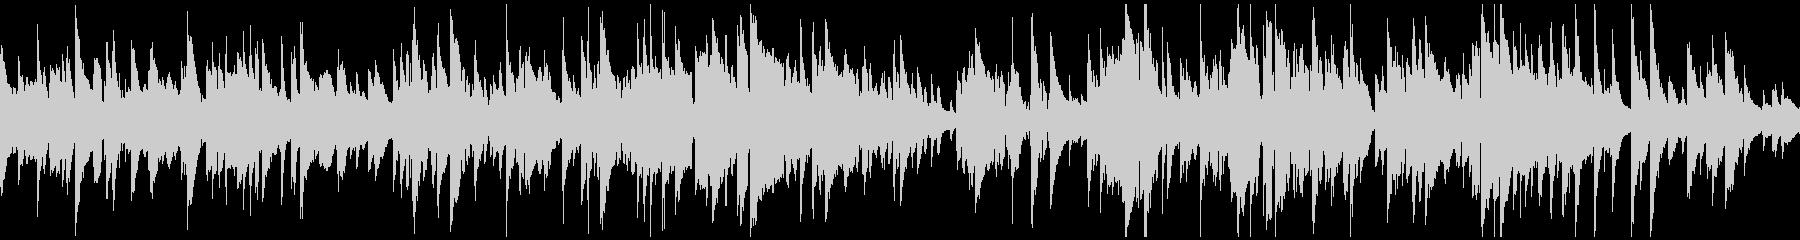 リラックス、ジャズ・バラード ※ループ版の未再生の波形